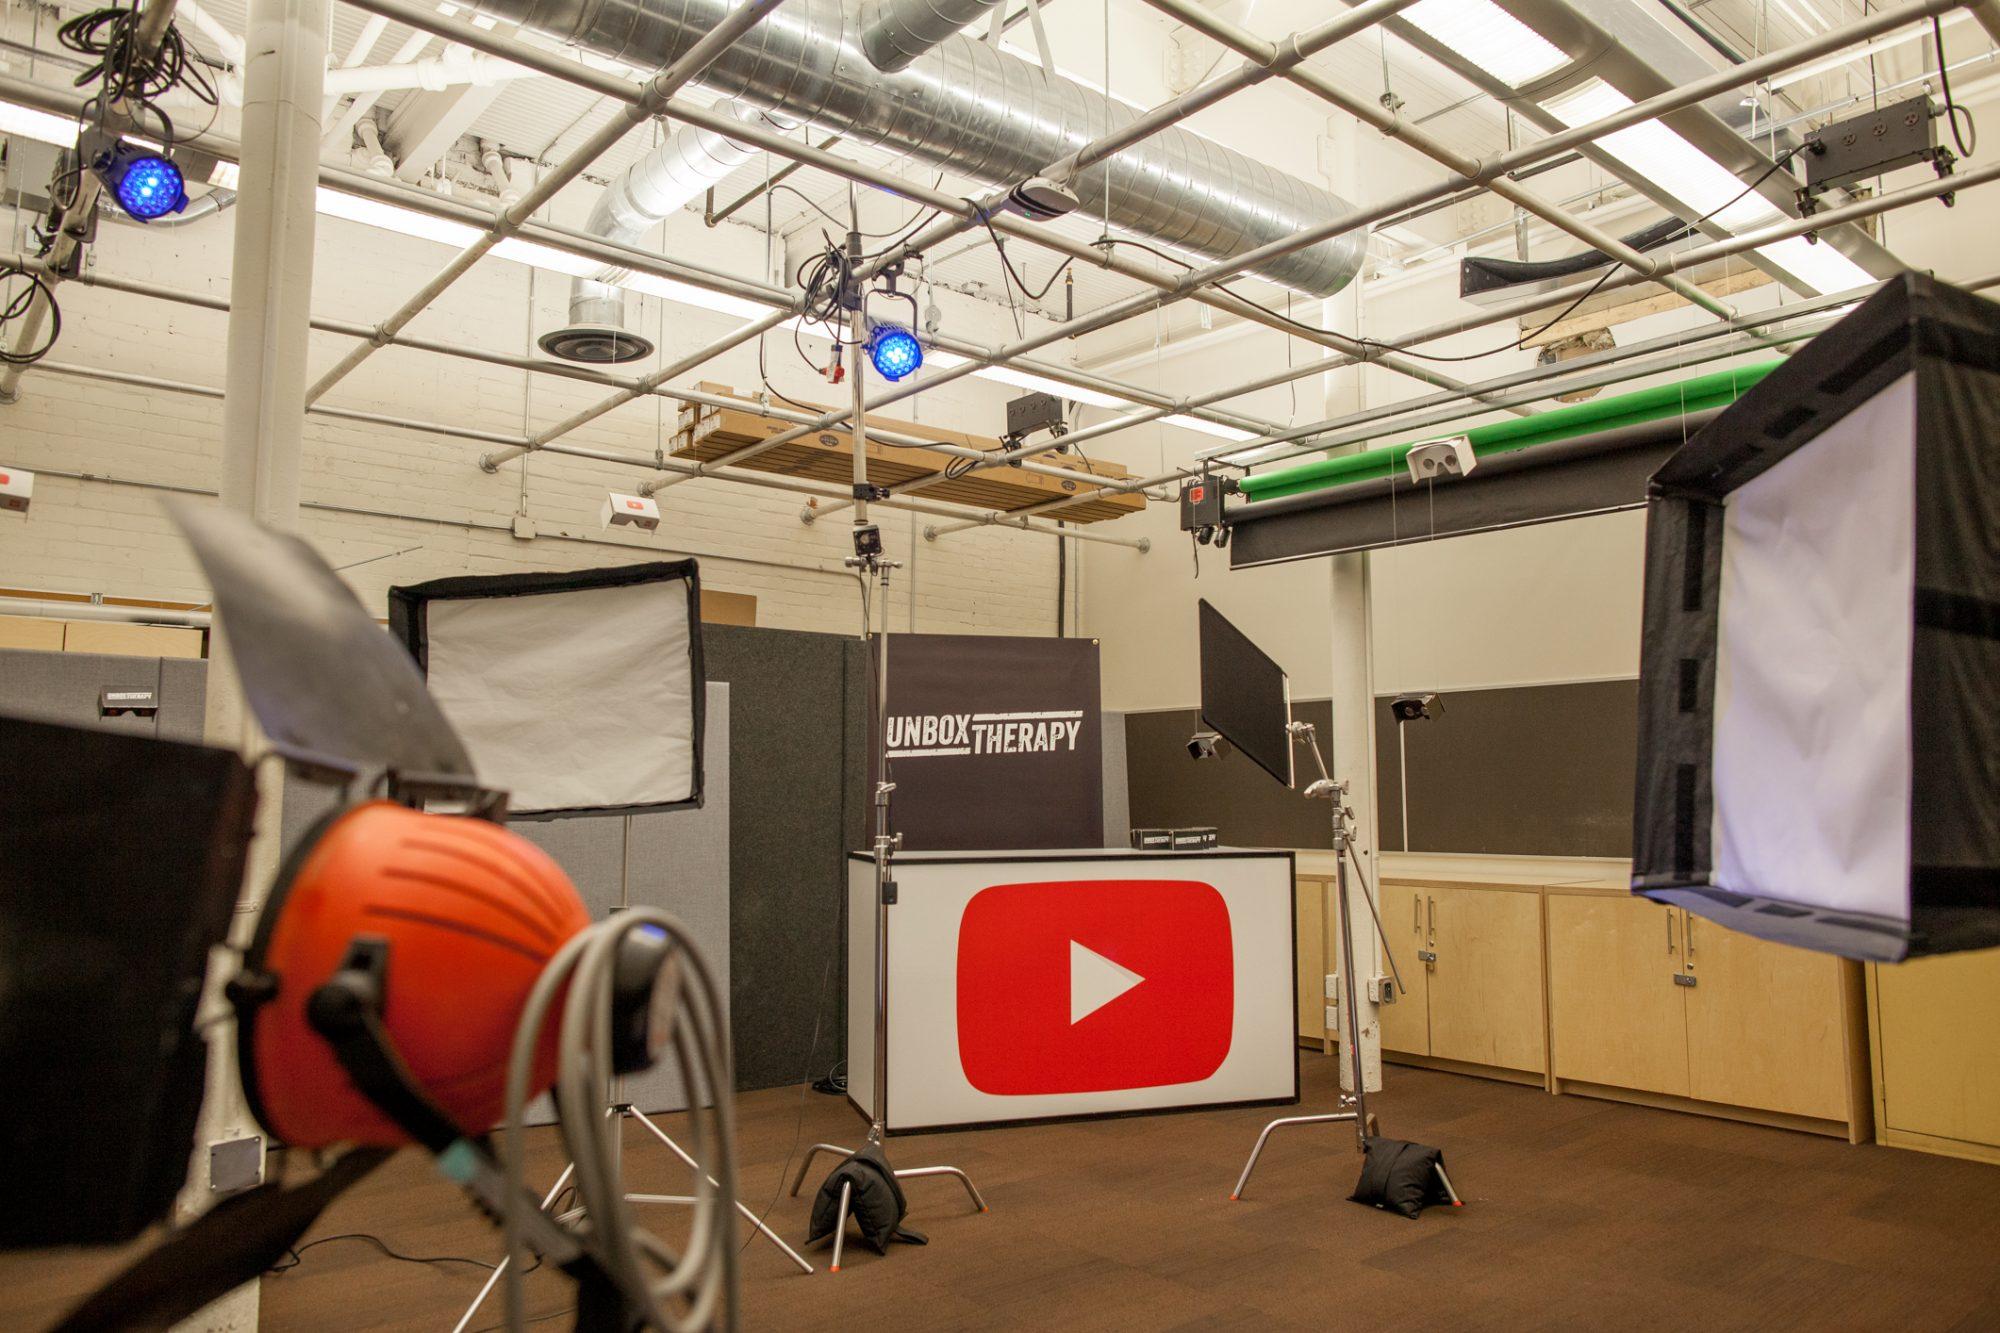 YouTube Space Toronto - Studio 2 VR room